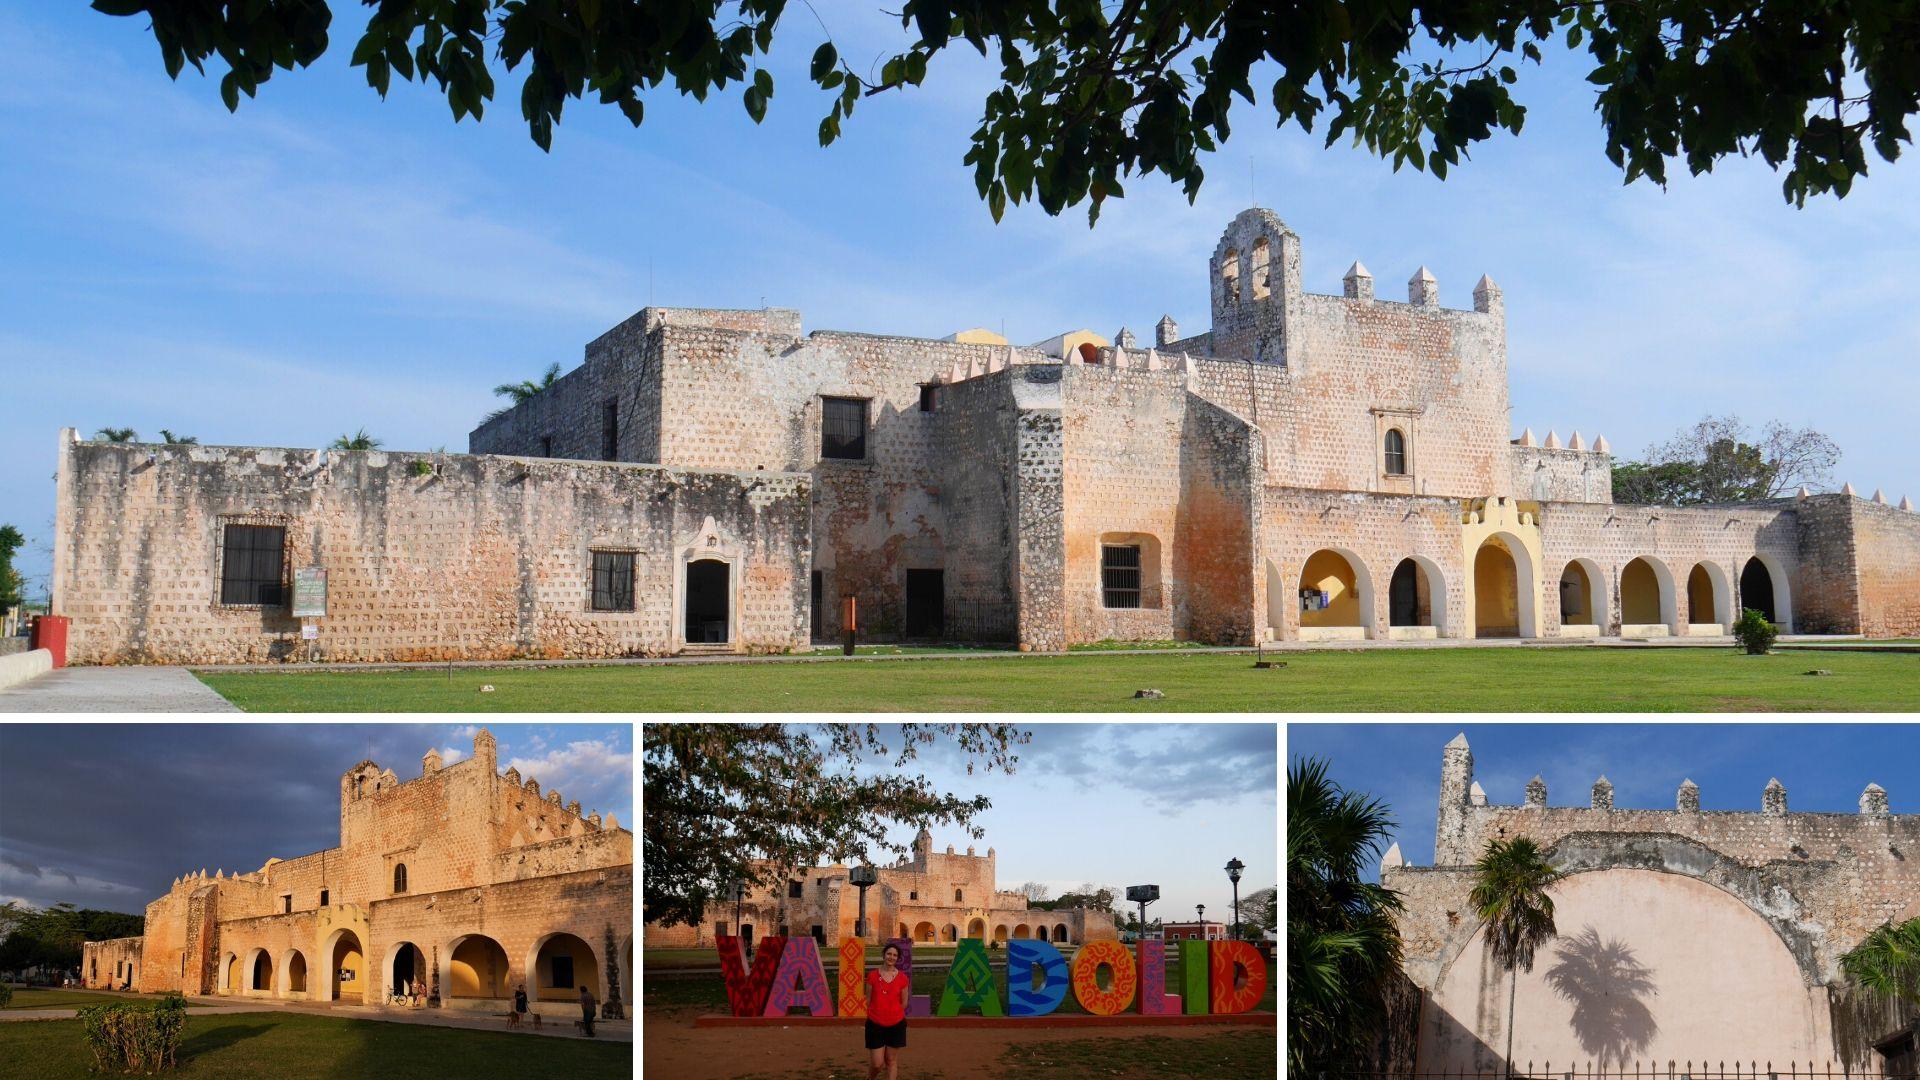 convente san bernardino calle 39 blog voyage mexique arpenter le chemin